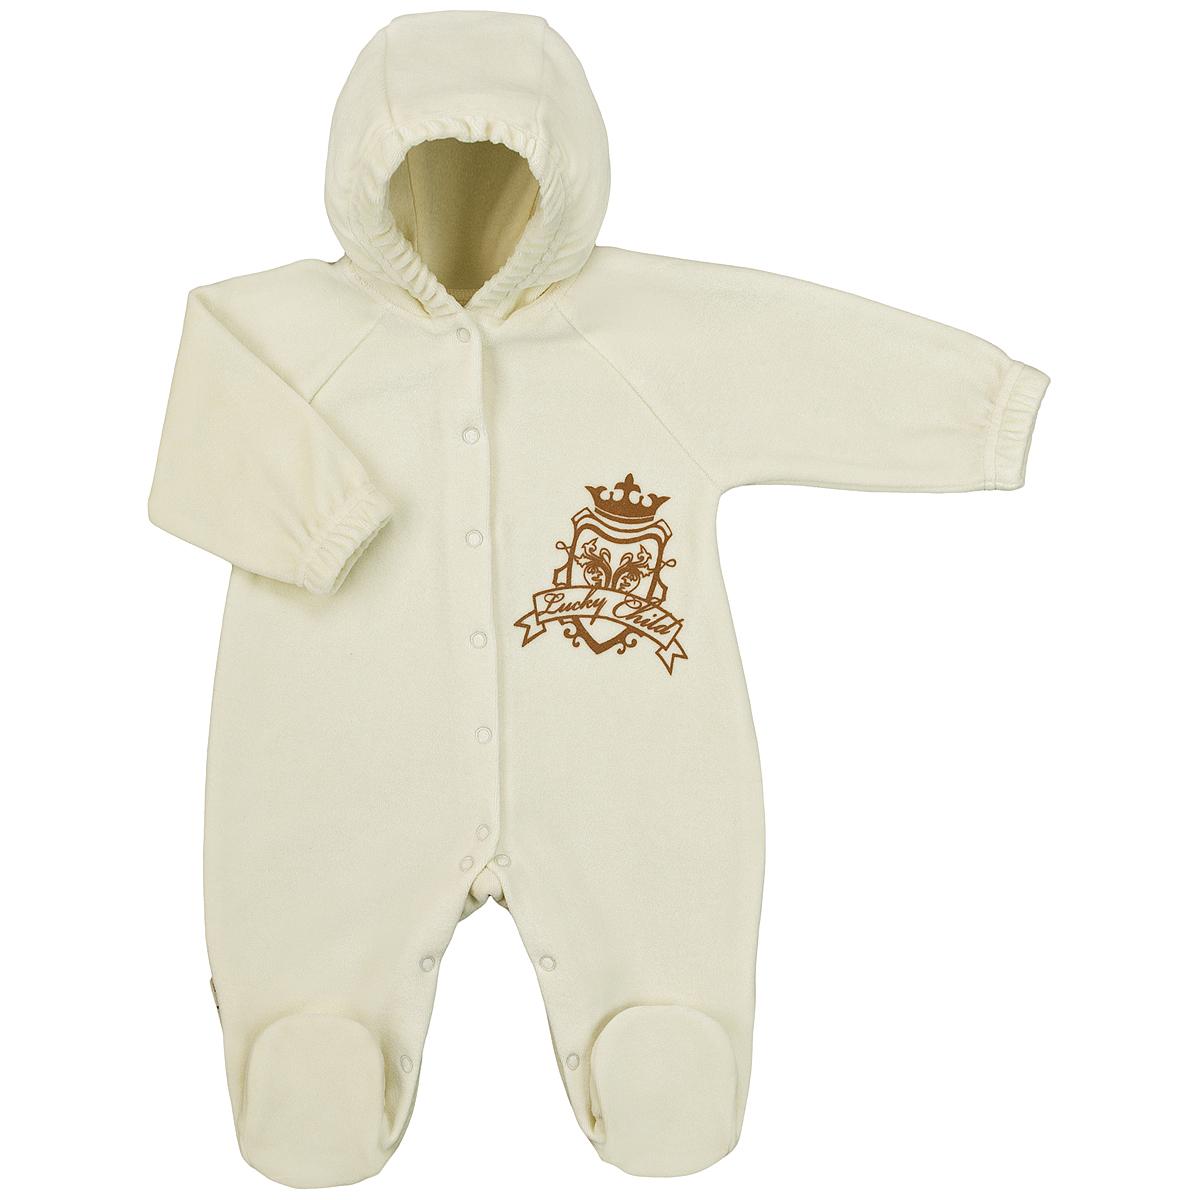 Комбинезон домашний2-21Детский комбинезон с капюшоном Lucky Child - очень удобный и практичный вид одежды для малышей. Комбинезон выполнен из велюра, благодаря чему он необычайно мягкий и приятный на ощупь, не раздражают нежную кожу ребенка и хорошо вентилируются, а эластичные швы приятны телу малыша и не препятствуют его движениям. Комбинезон с длинными рукавами-реглан и закрытыми ножками имеет застежки-кнопки по центру от горловины до щиколоток, которые помогают легко переодеть младенца или сменить подгузник. На груди он оформлен оригинальным принтом в виде логотипа бренда. Рукава понизу дополнены неширокими эластичными манжетами, не перетягивающими запястья. С детским комбинезоном Lucky Child спинка и ножки вашего малыша всегда будут в тепле. Комбинезон полностью соответствует особенностям жизни младенца в ранний период, не стесняя и не ограничивая его в движениях!